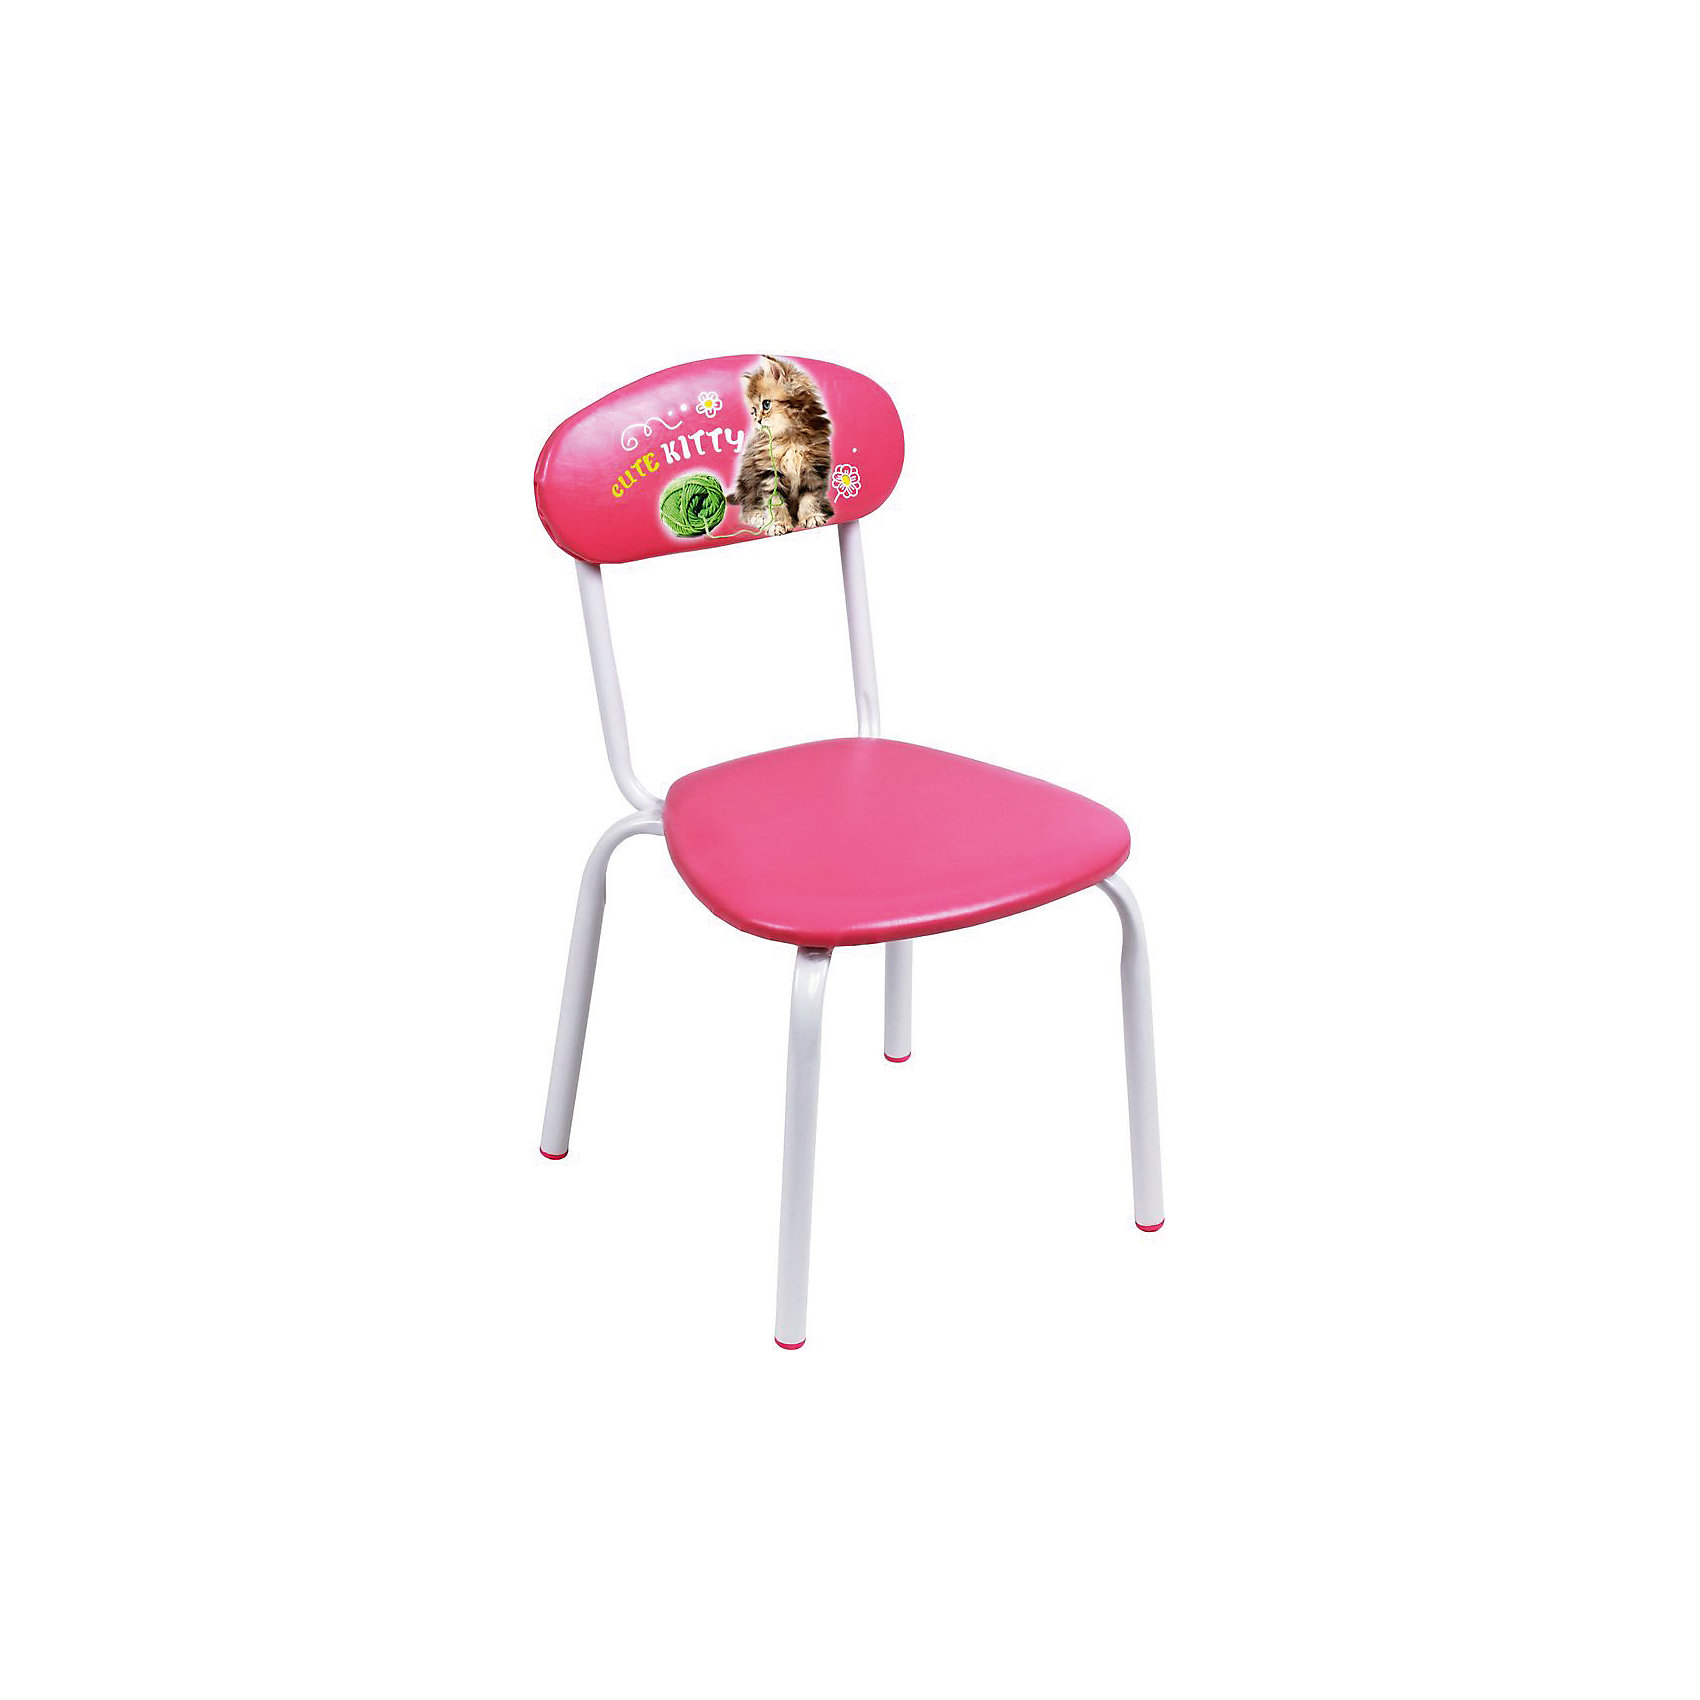 Стул СТУ5 . Милый котенок, Ника, розовыйСтолы и стулья<br>Характеристики товара:<br><br>• цвет: розовый<br>• материал: металл окрашенный, фанера, поролон, пластмасса, ткань (замша) или винилискожа<br>• мягкое сиденье и спинка<br>• яркая расцветка<br>• устойчивый<br>• на спинке рисунок<br>• возраст: от 1,5 до 3 лет<br>• страна бренда: Российская Федерация<br>• страна производства: Российская Федерация<br><br>Детская мебель может быть удобной и эргономичной! Этот стул разработан специально для детей от полутора до трех лет. Он устойчивый, занимает немного места. Сиденье обито мягким материалом, а на спинке стула - яркий рисунок, который понравится малышам. Отличное решение для игр, творчества и развивающих занятий!<br>Правильно подобранная мебель помогает ребенку расти здоровым, формироваться правильной осанке. Изделие производится из качественных сертифицированных материалов, безопасных даже для самых маленьких.<br><br>Стул Милый котенок, розовый от бренда Ника можно купить в нашем интернет-магазине.<br><br>Ширина мм: 350<br>Глубина мм: 545<br>Высота мм: 320<br>Вес г: 1900<br>Возраст от месяцев: 180<br>Возраст до месяцев: 36<br>Пол: Женский<br>Возраст: Детский<br>SKU: 5223601